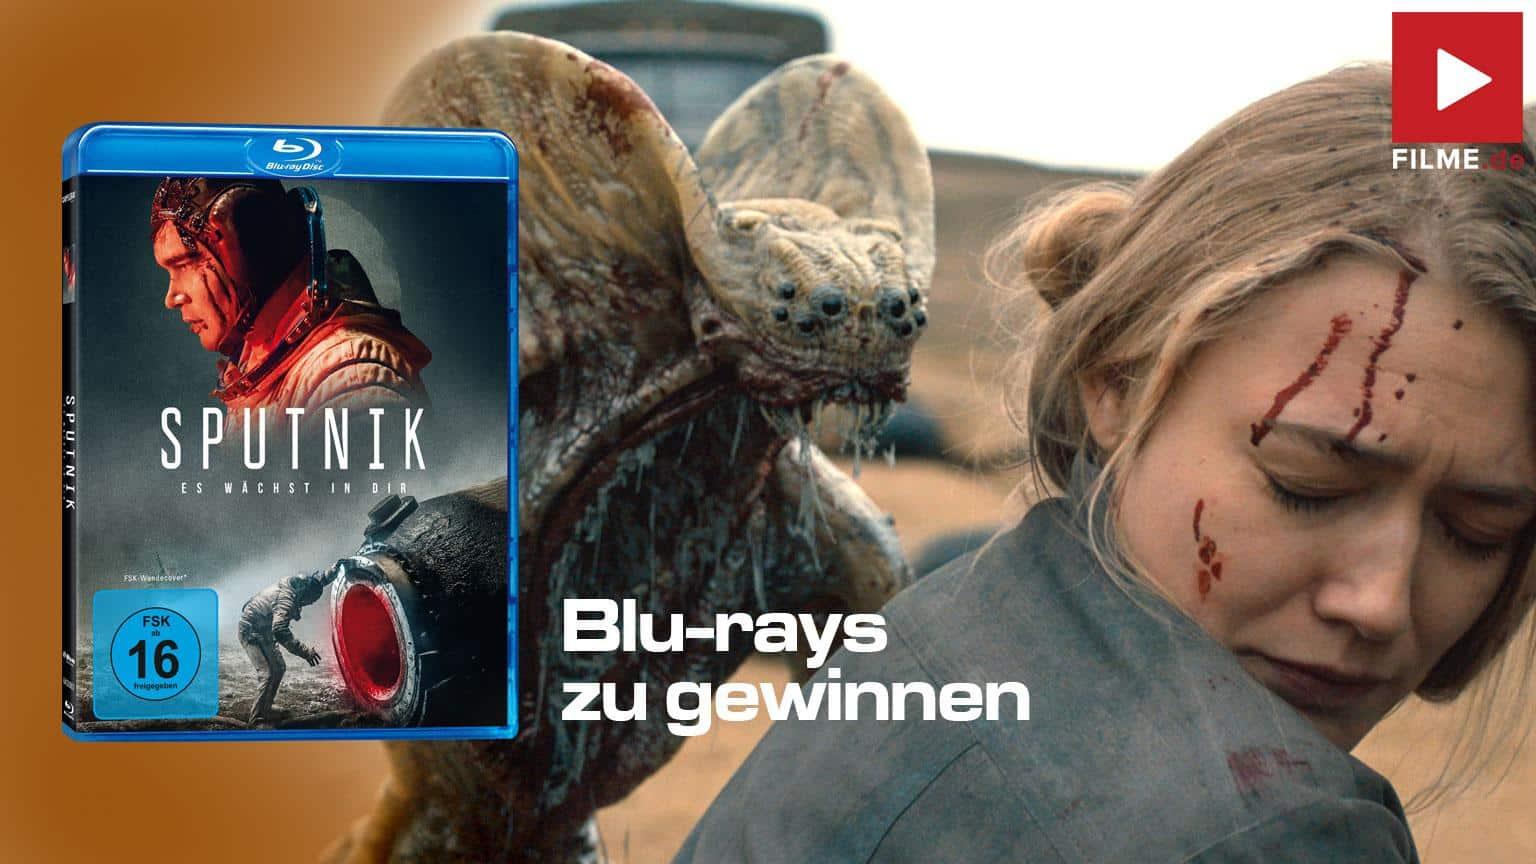 Sputnik Film 2020 Gewinnspiel gewinnen shop kaufen Artikelbild